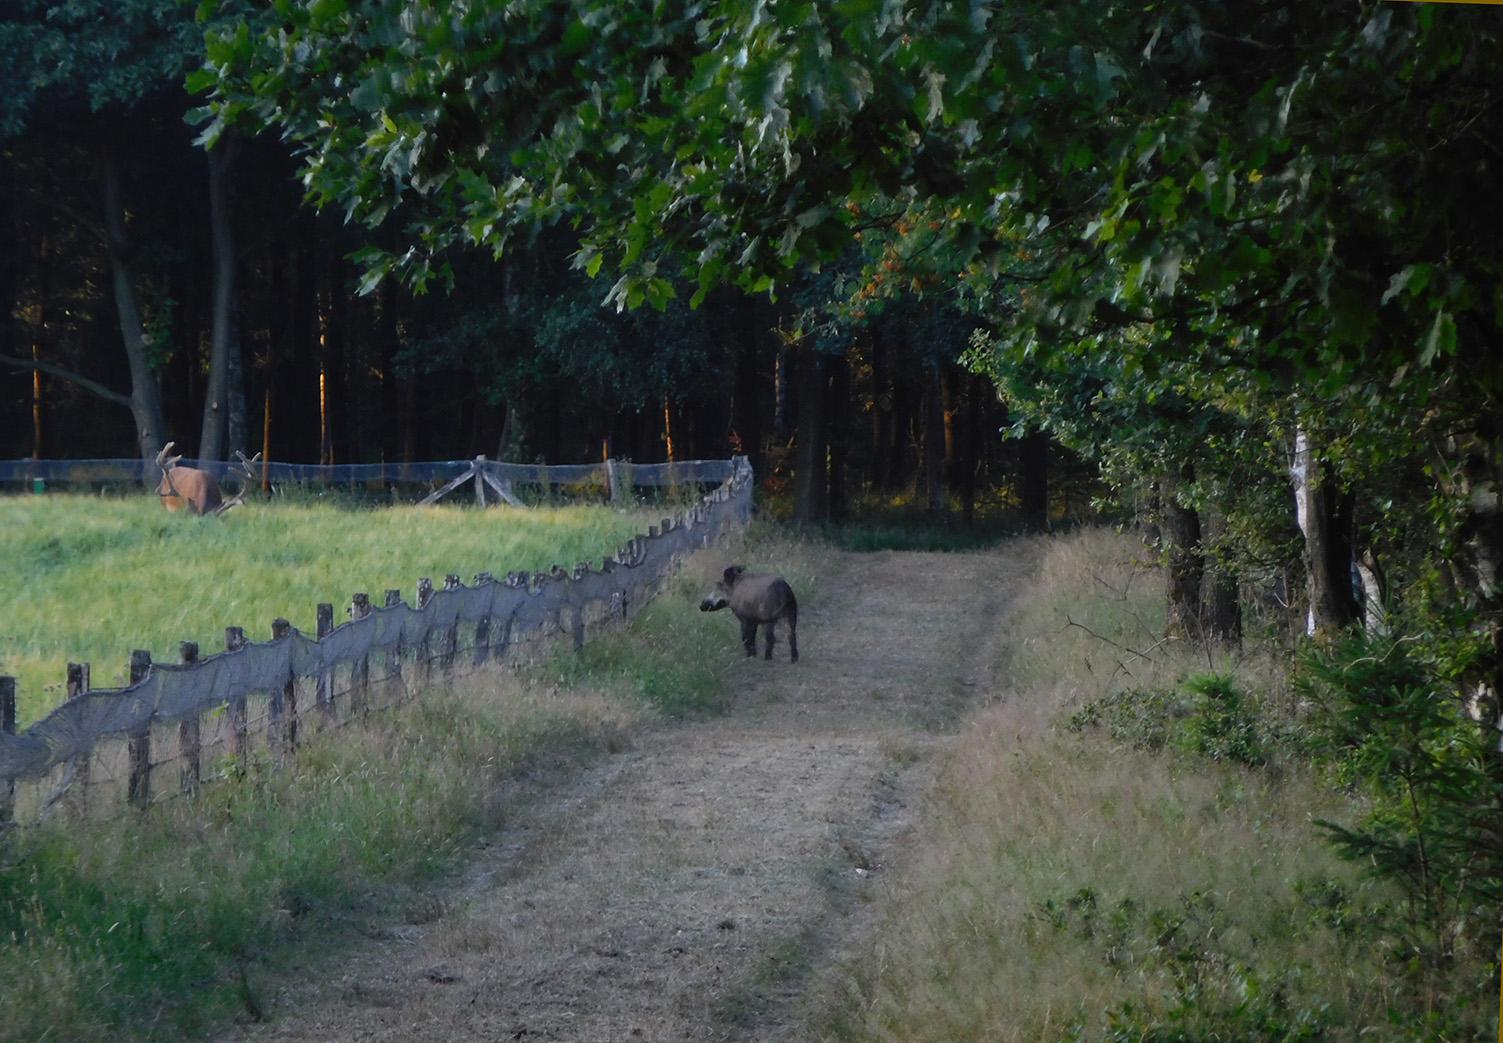 Het zwijn probeert te ontdekken wat er aan de hands is - Foto: ©Fransien Fraanje